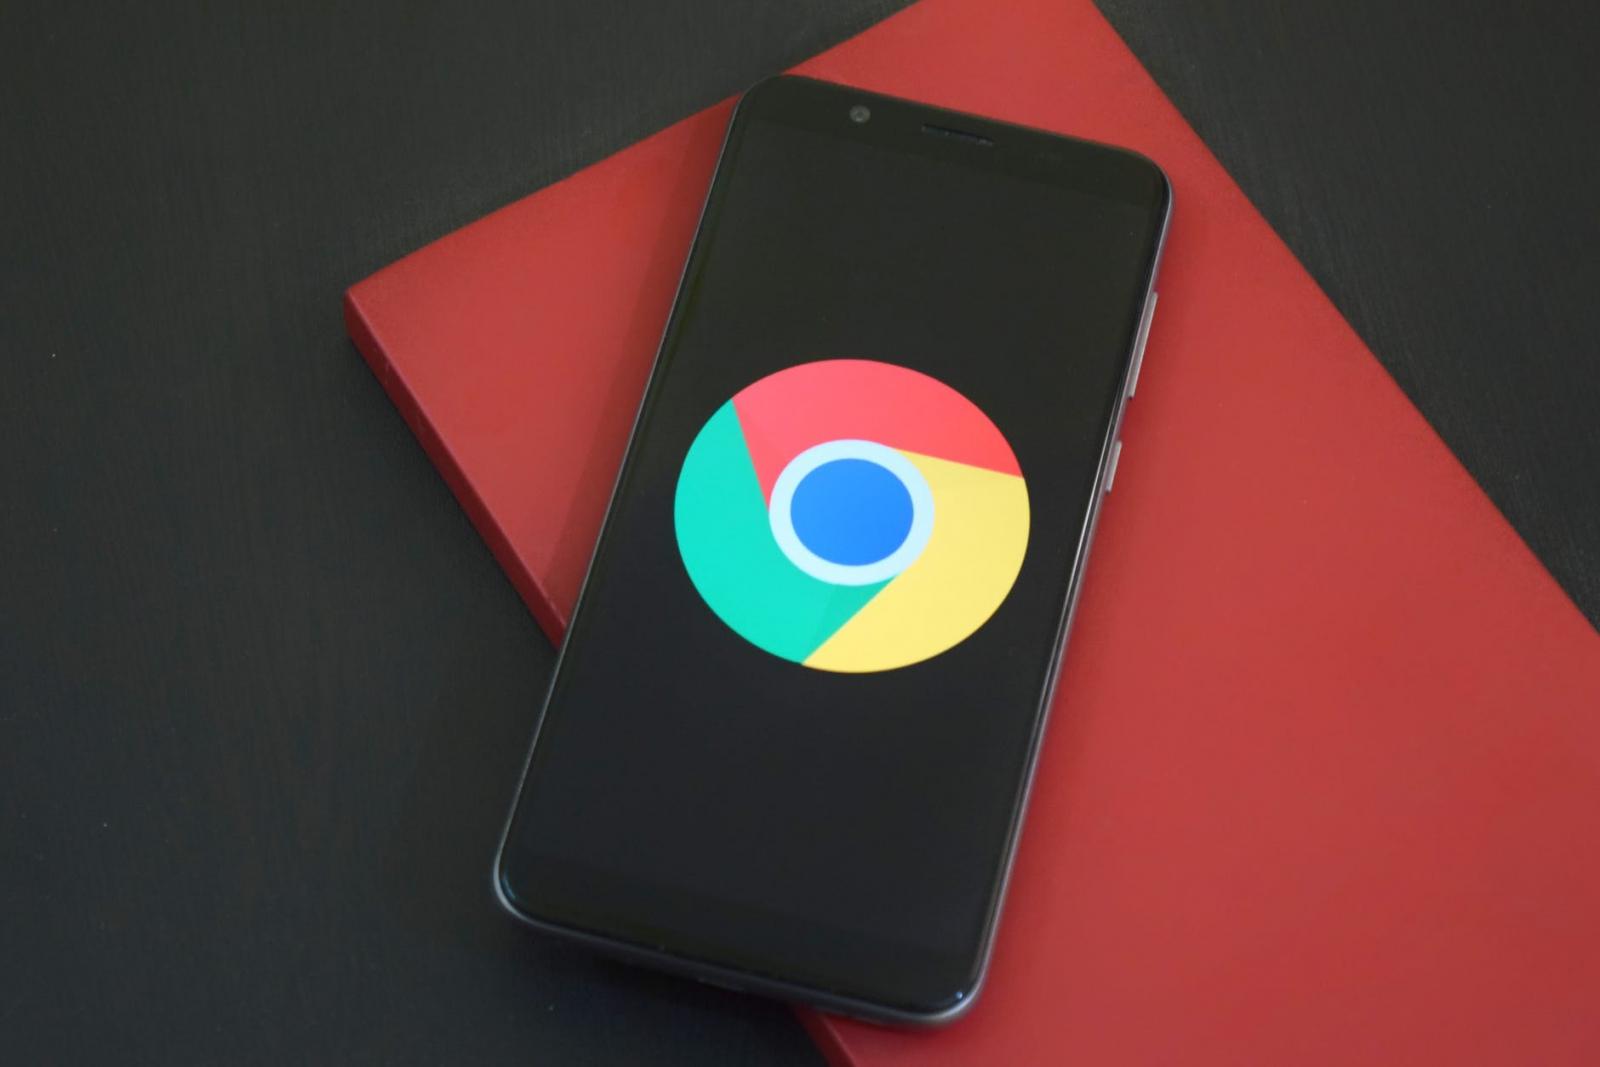 【快訊】積極拓展生態系?Google爆打造「自研」筆電、平板處理器